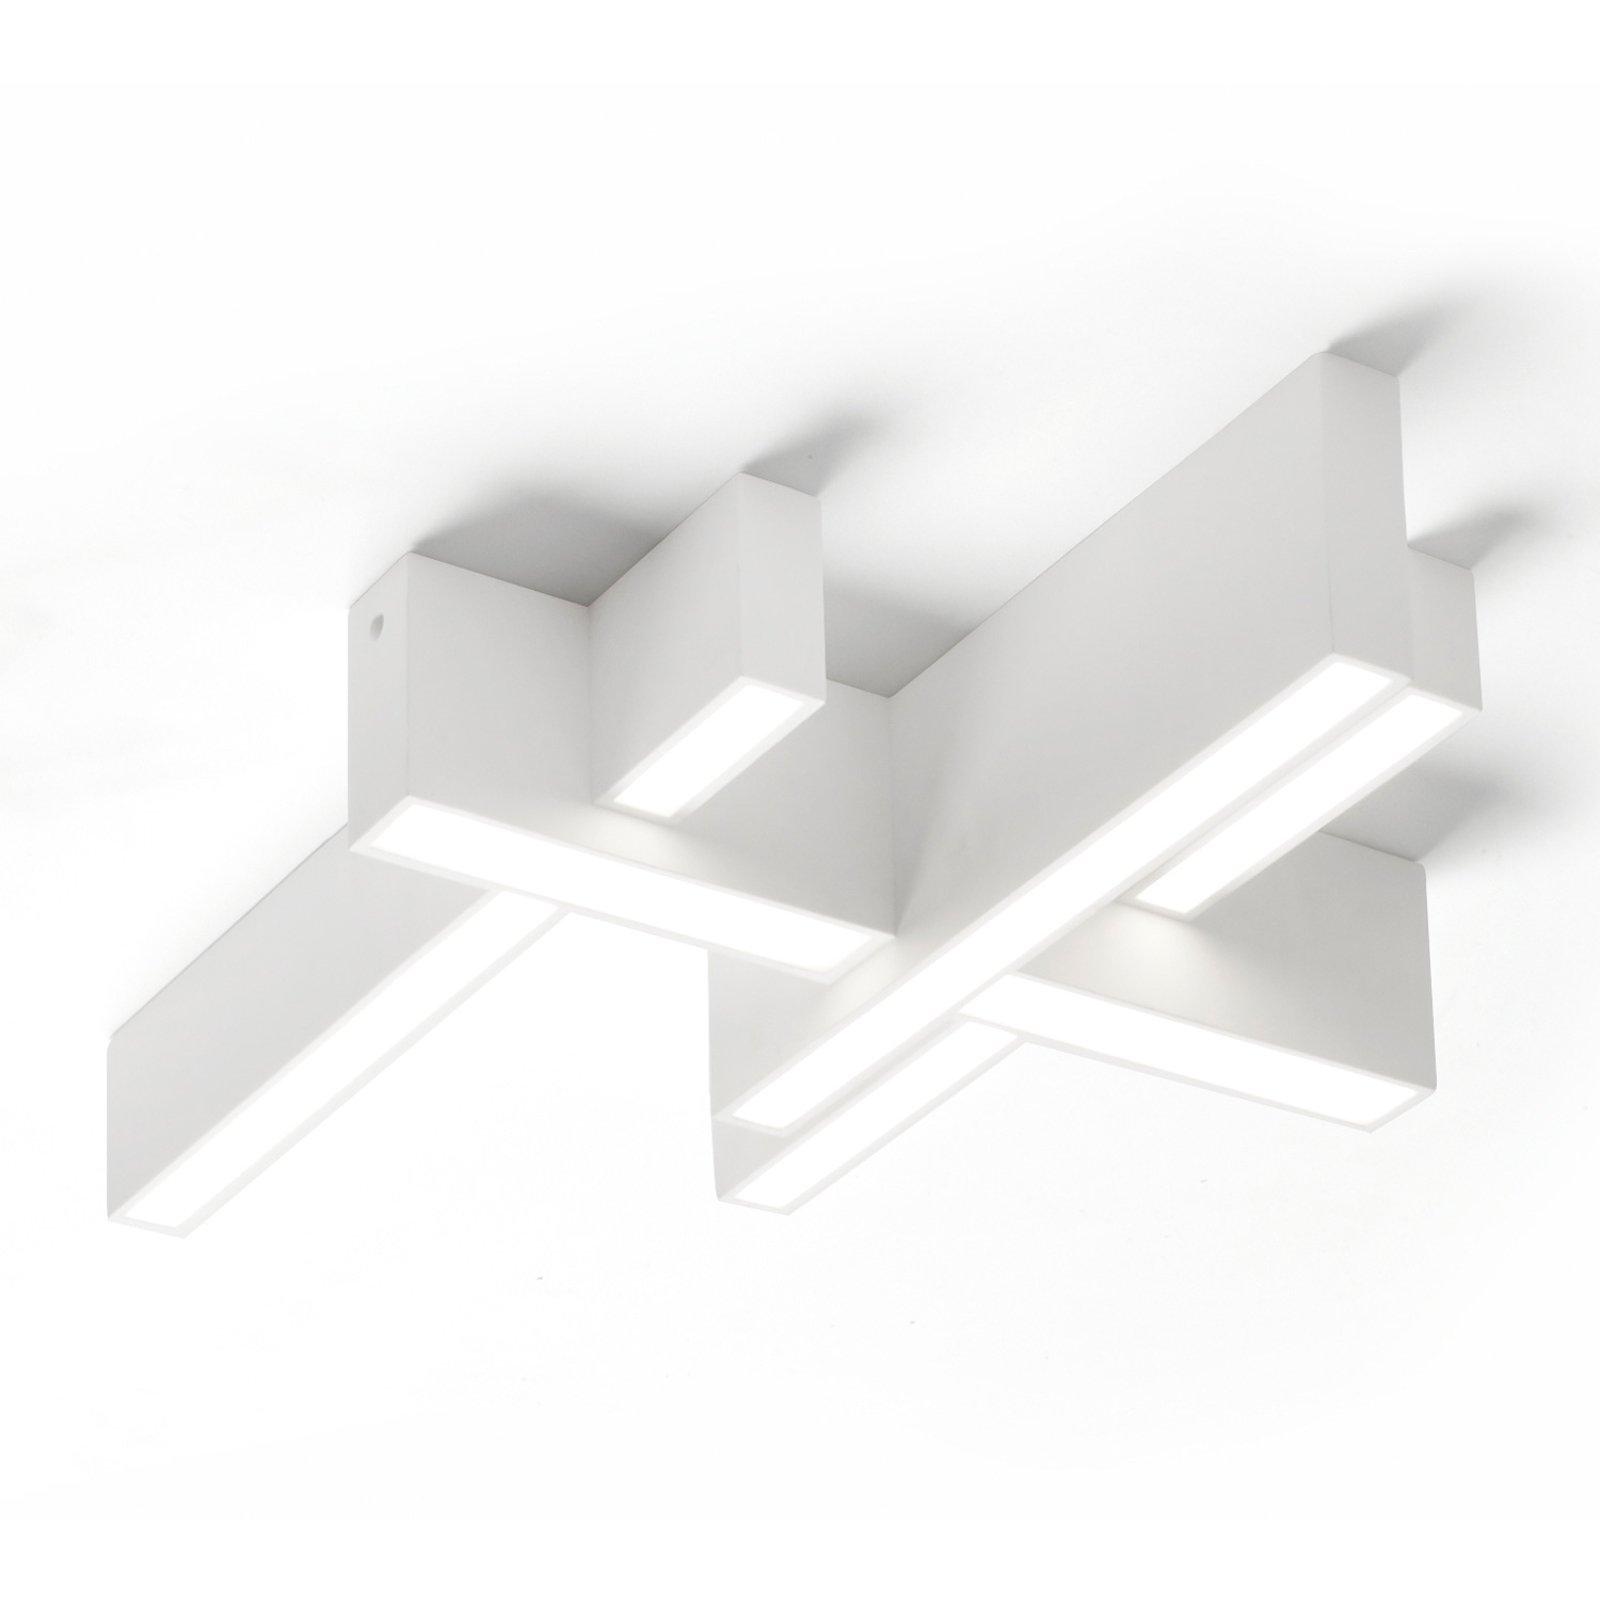 LED-taklampe Magnesia T277, 4 bjelker